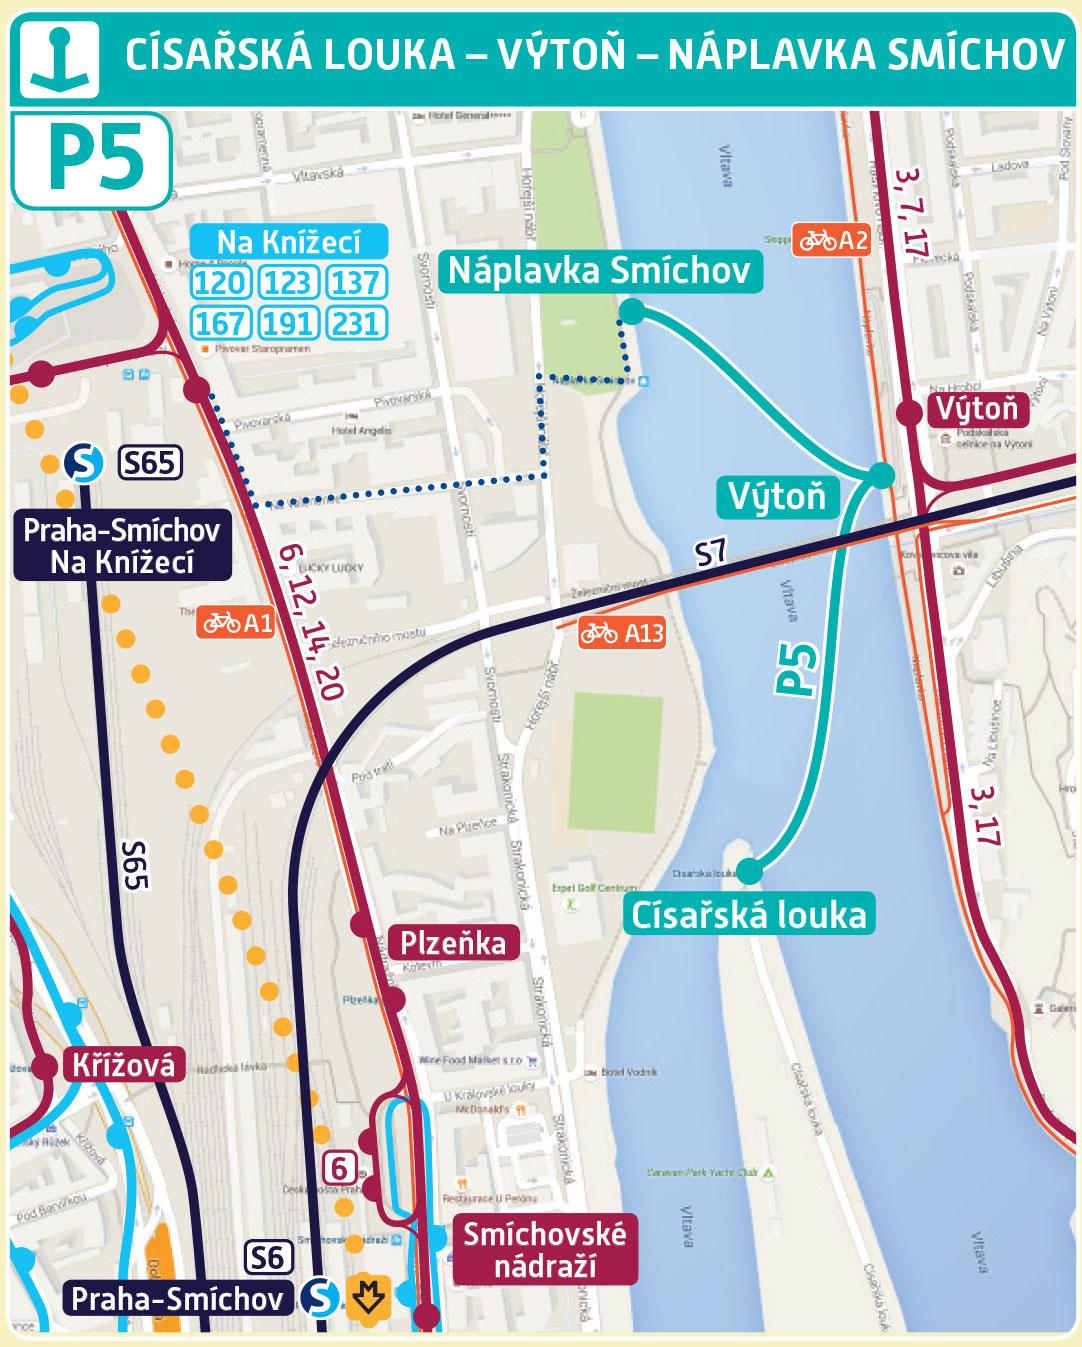 Mapa trasy přívozu P5 | Pražské Benátky